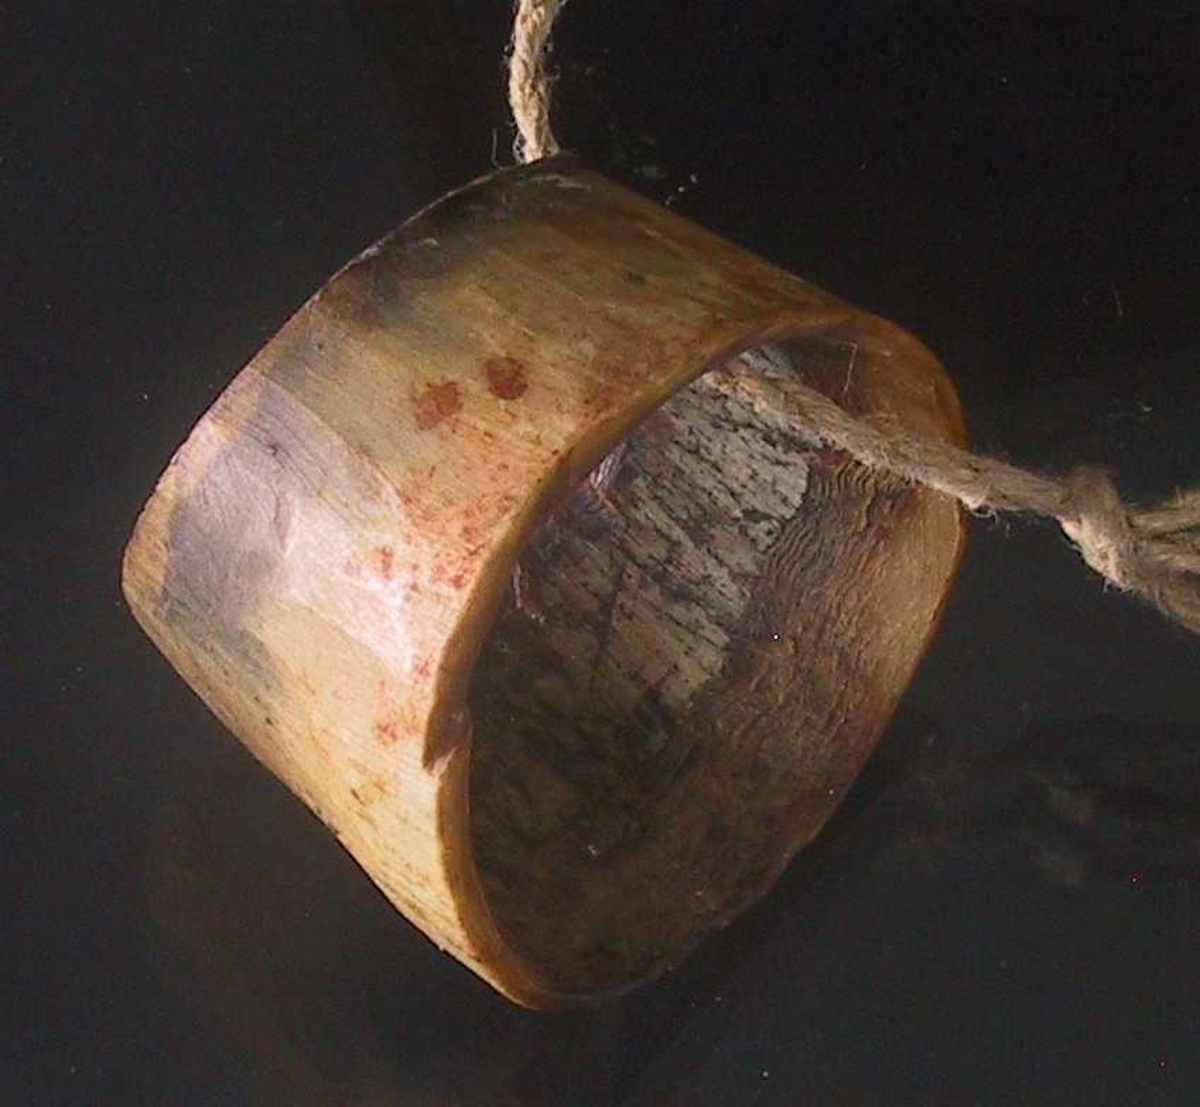 Pølsehorn, laget av kuhorn.  Liten, gul og sortflekket, avsmalnende  bredde.   Form som serviettringer.  Åpning oval